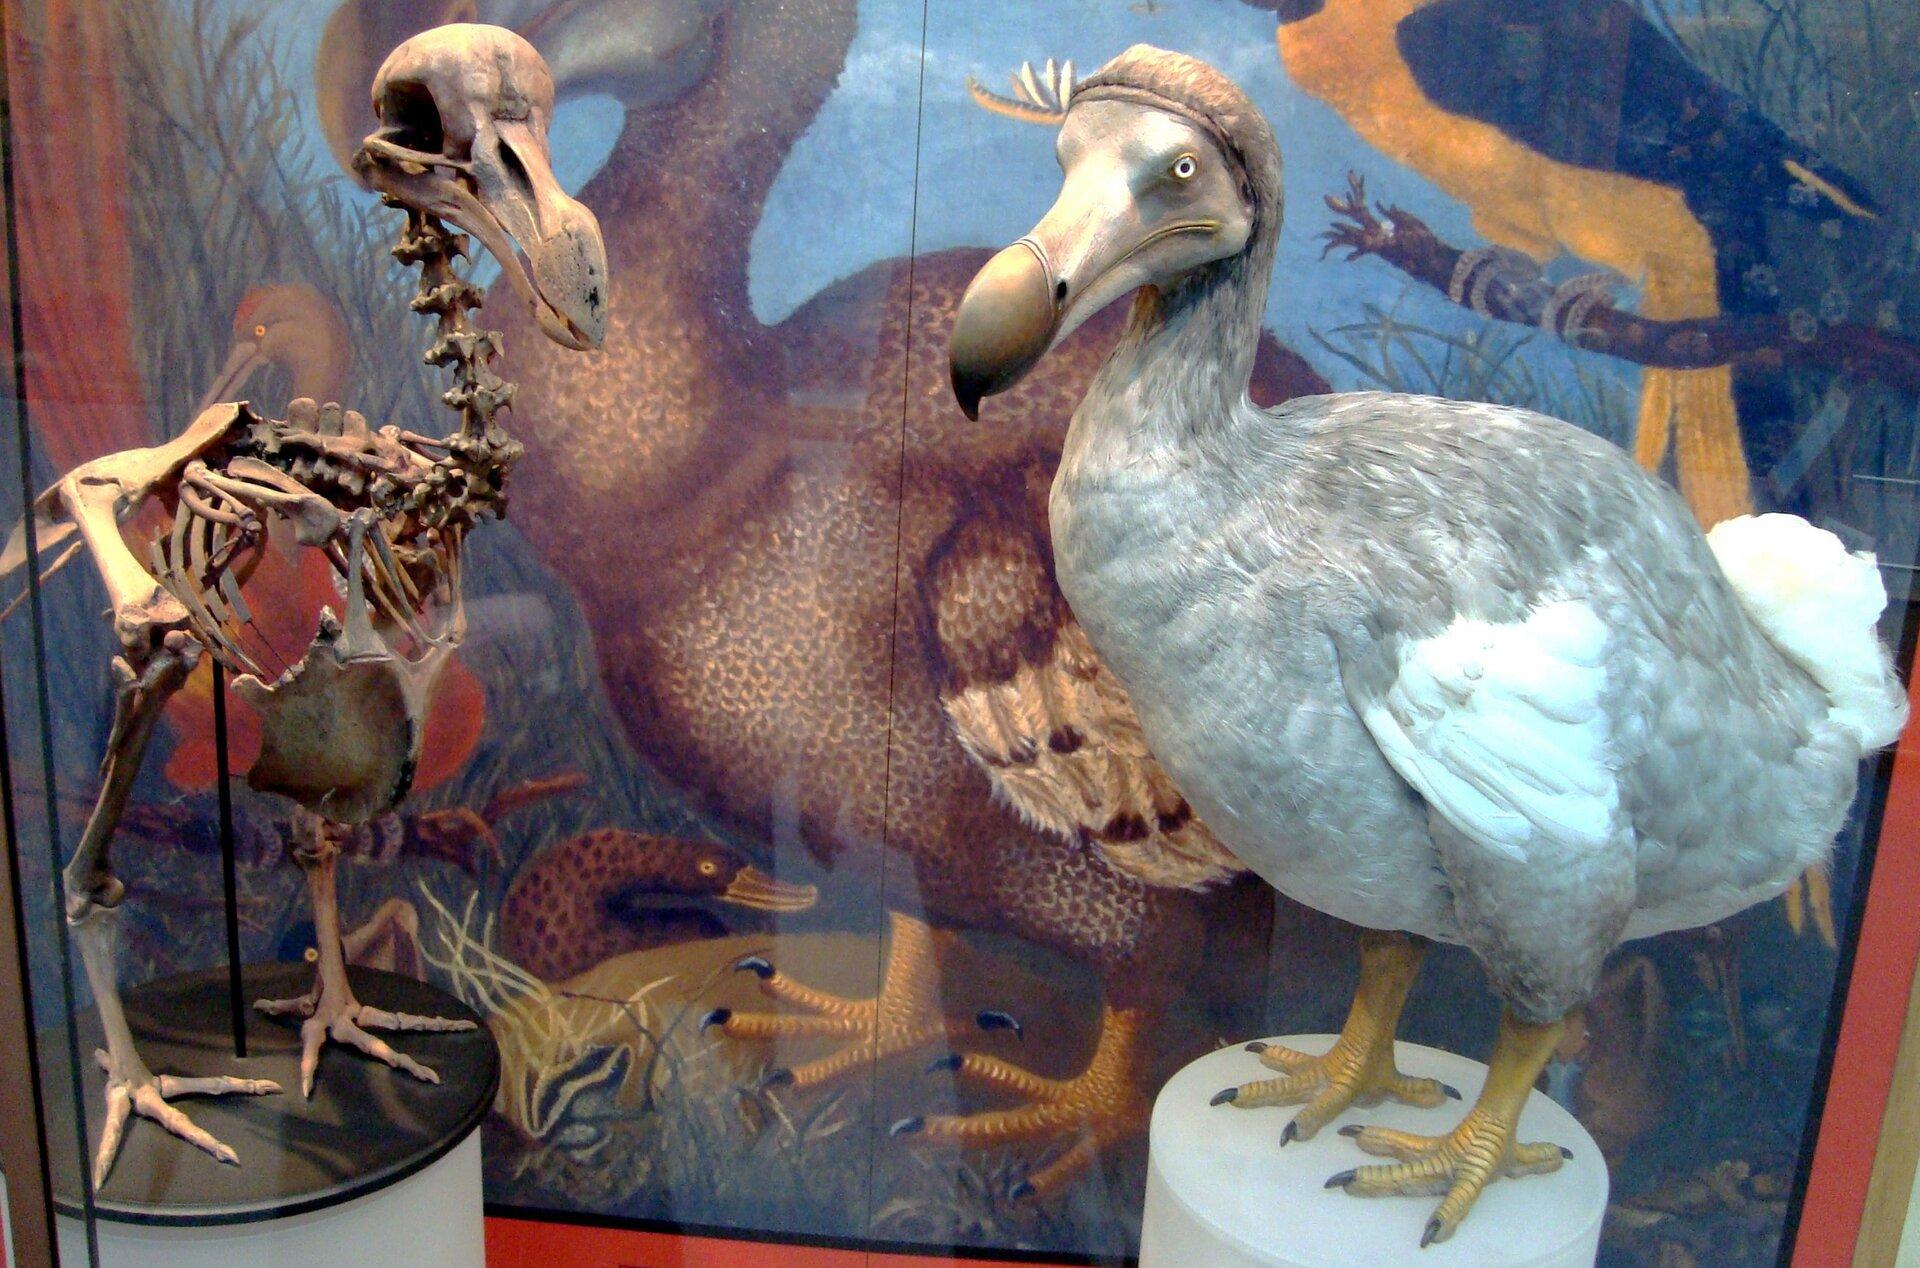 Fotografia przedstawia fragment gabloty wmuzeum przyrodniczym. Stoją wniej na białych podstawkach dwa eksponaty, przedstawiające dronta dodo. Zlewej brązowy szkielet , aobok wypchany ptak. Wtle powiększone ilustracje, przedstawiające dodo iinne zwierzęta wich środowisku.